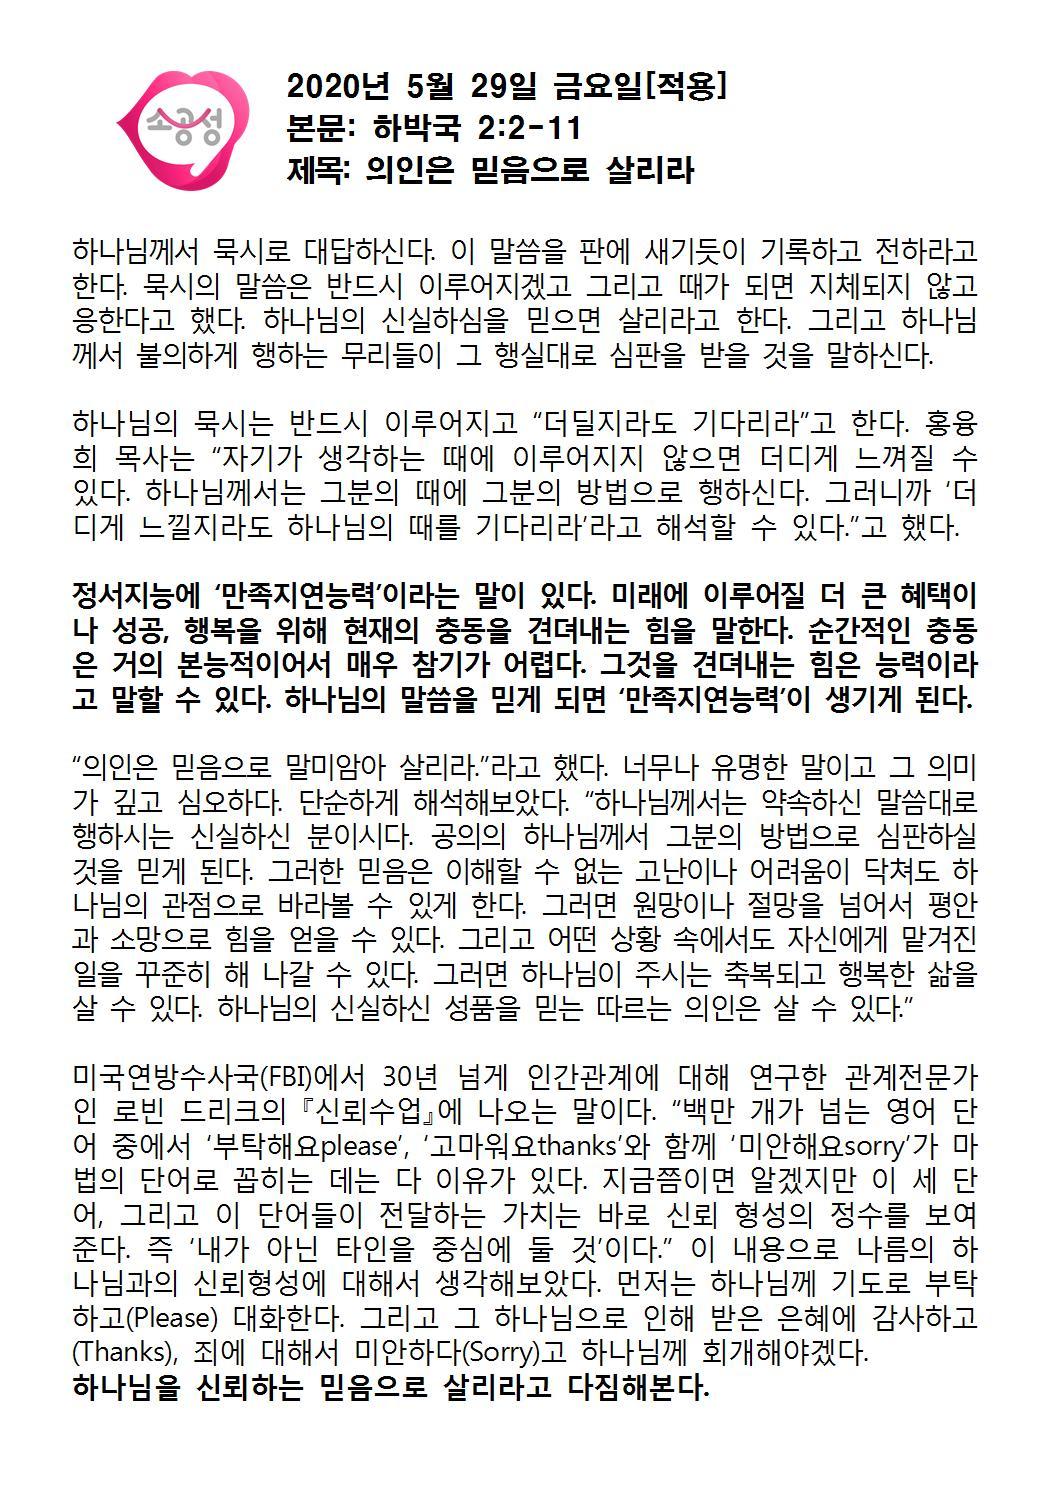 2020년 5월 29일 금[소공성]001.jpg